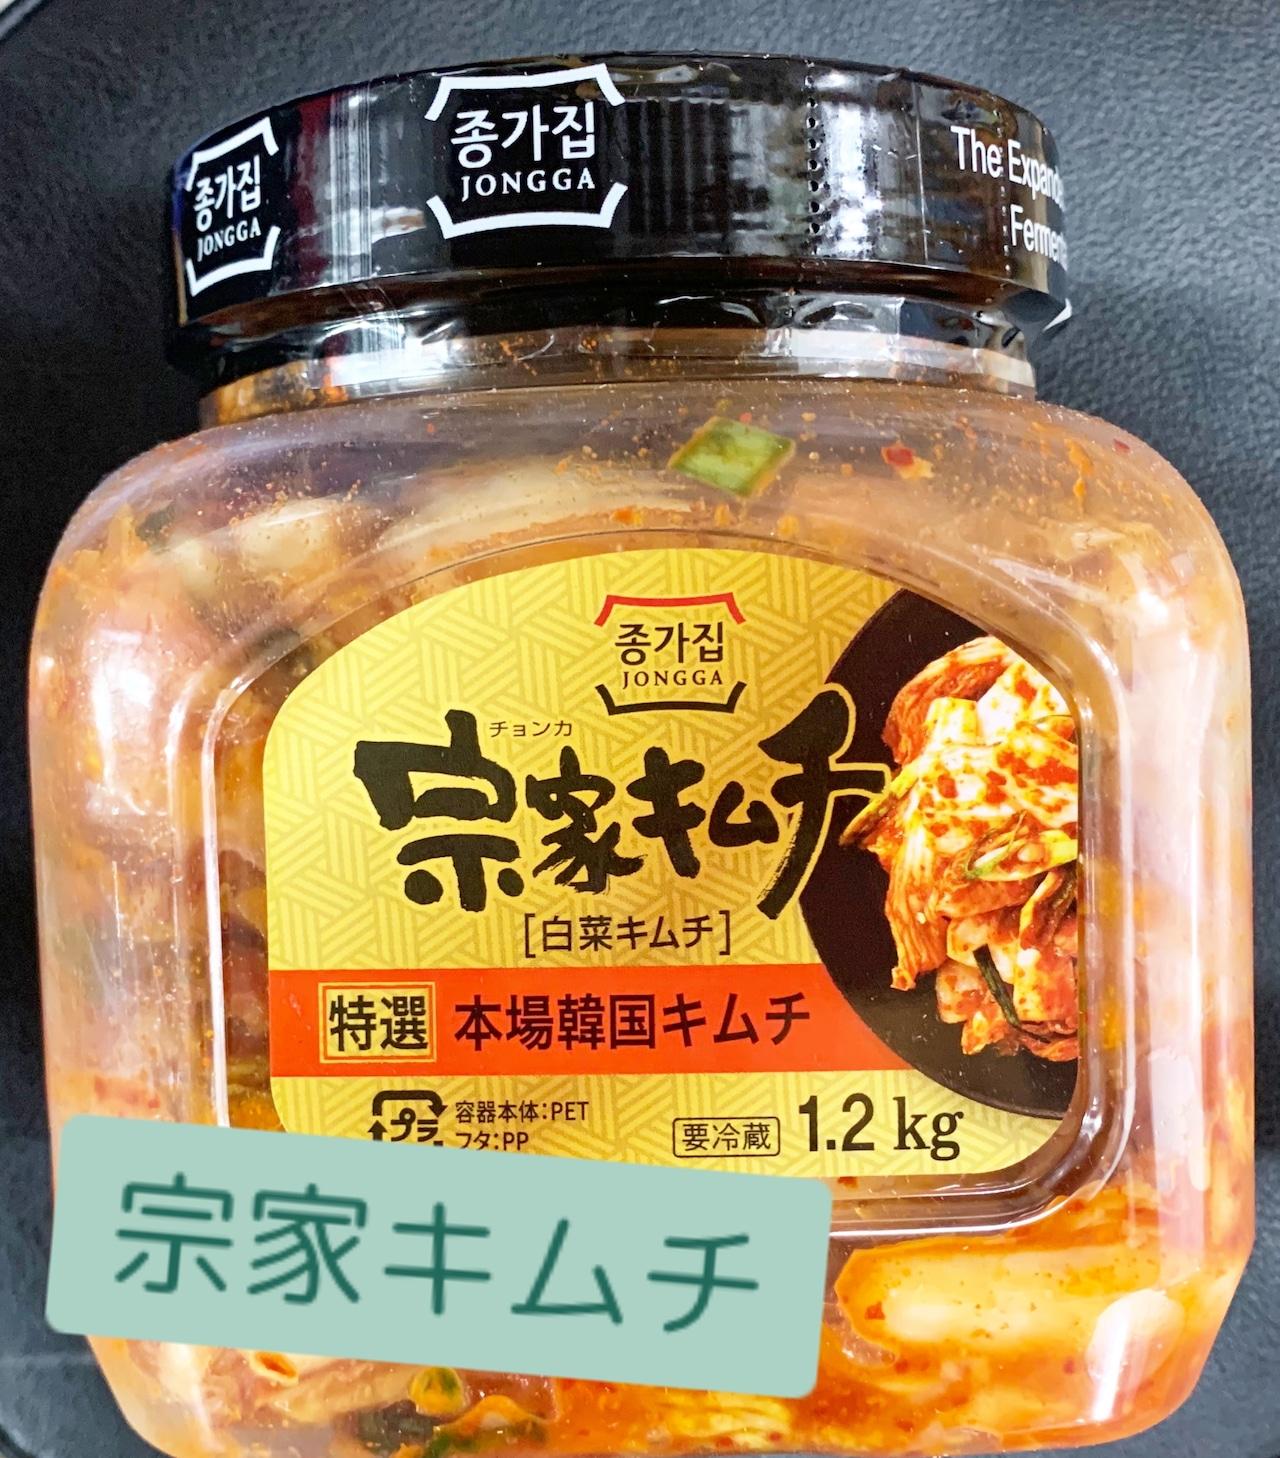 宗家(チョンカ)キムチ 1.2kg